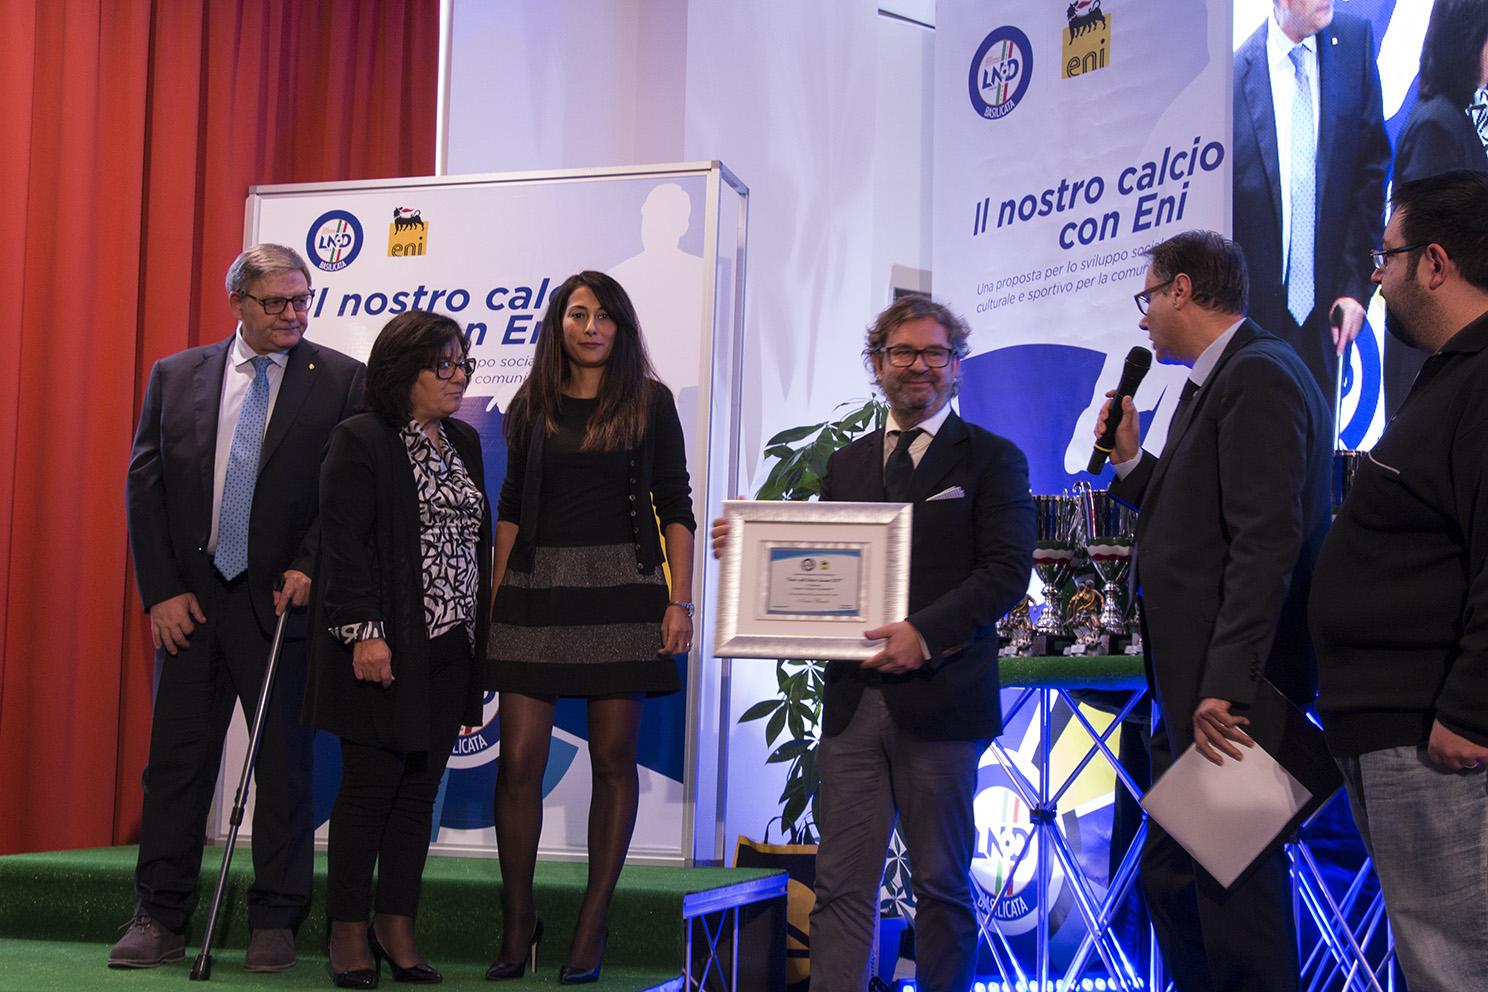 Festa del calcio lucano, l'elenco dei premiati